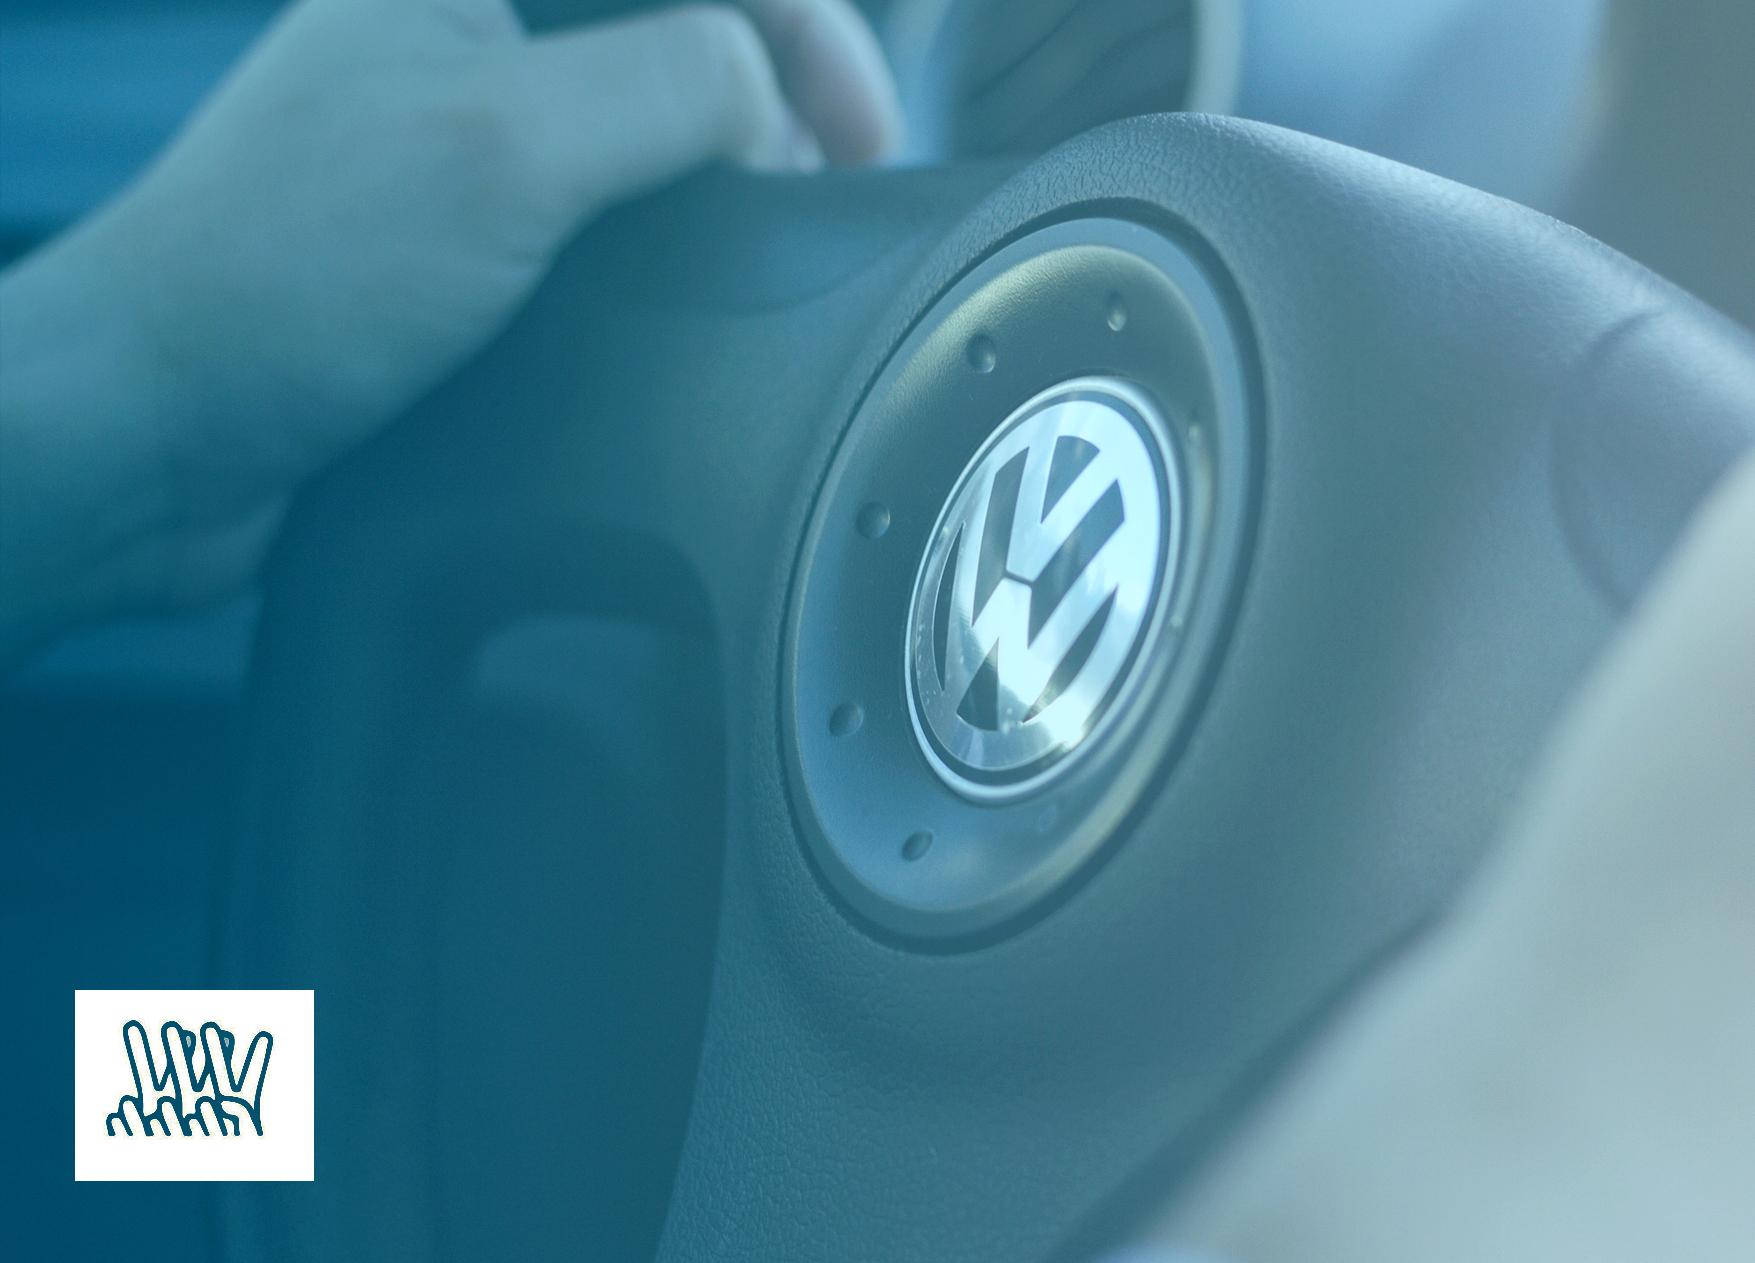 La Agrupación De Afectados Se Une En Alemania A Otros 400.000 Perjudicados,  En La Mayor Demanda Contra Volkswagen